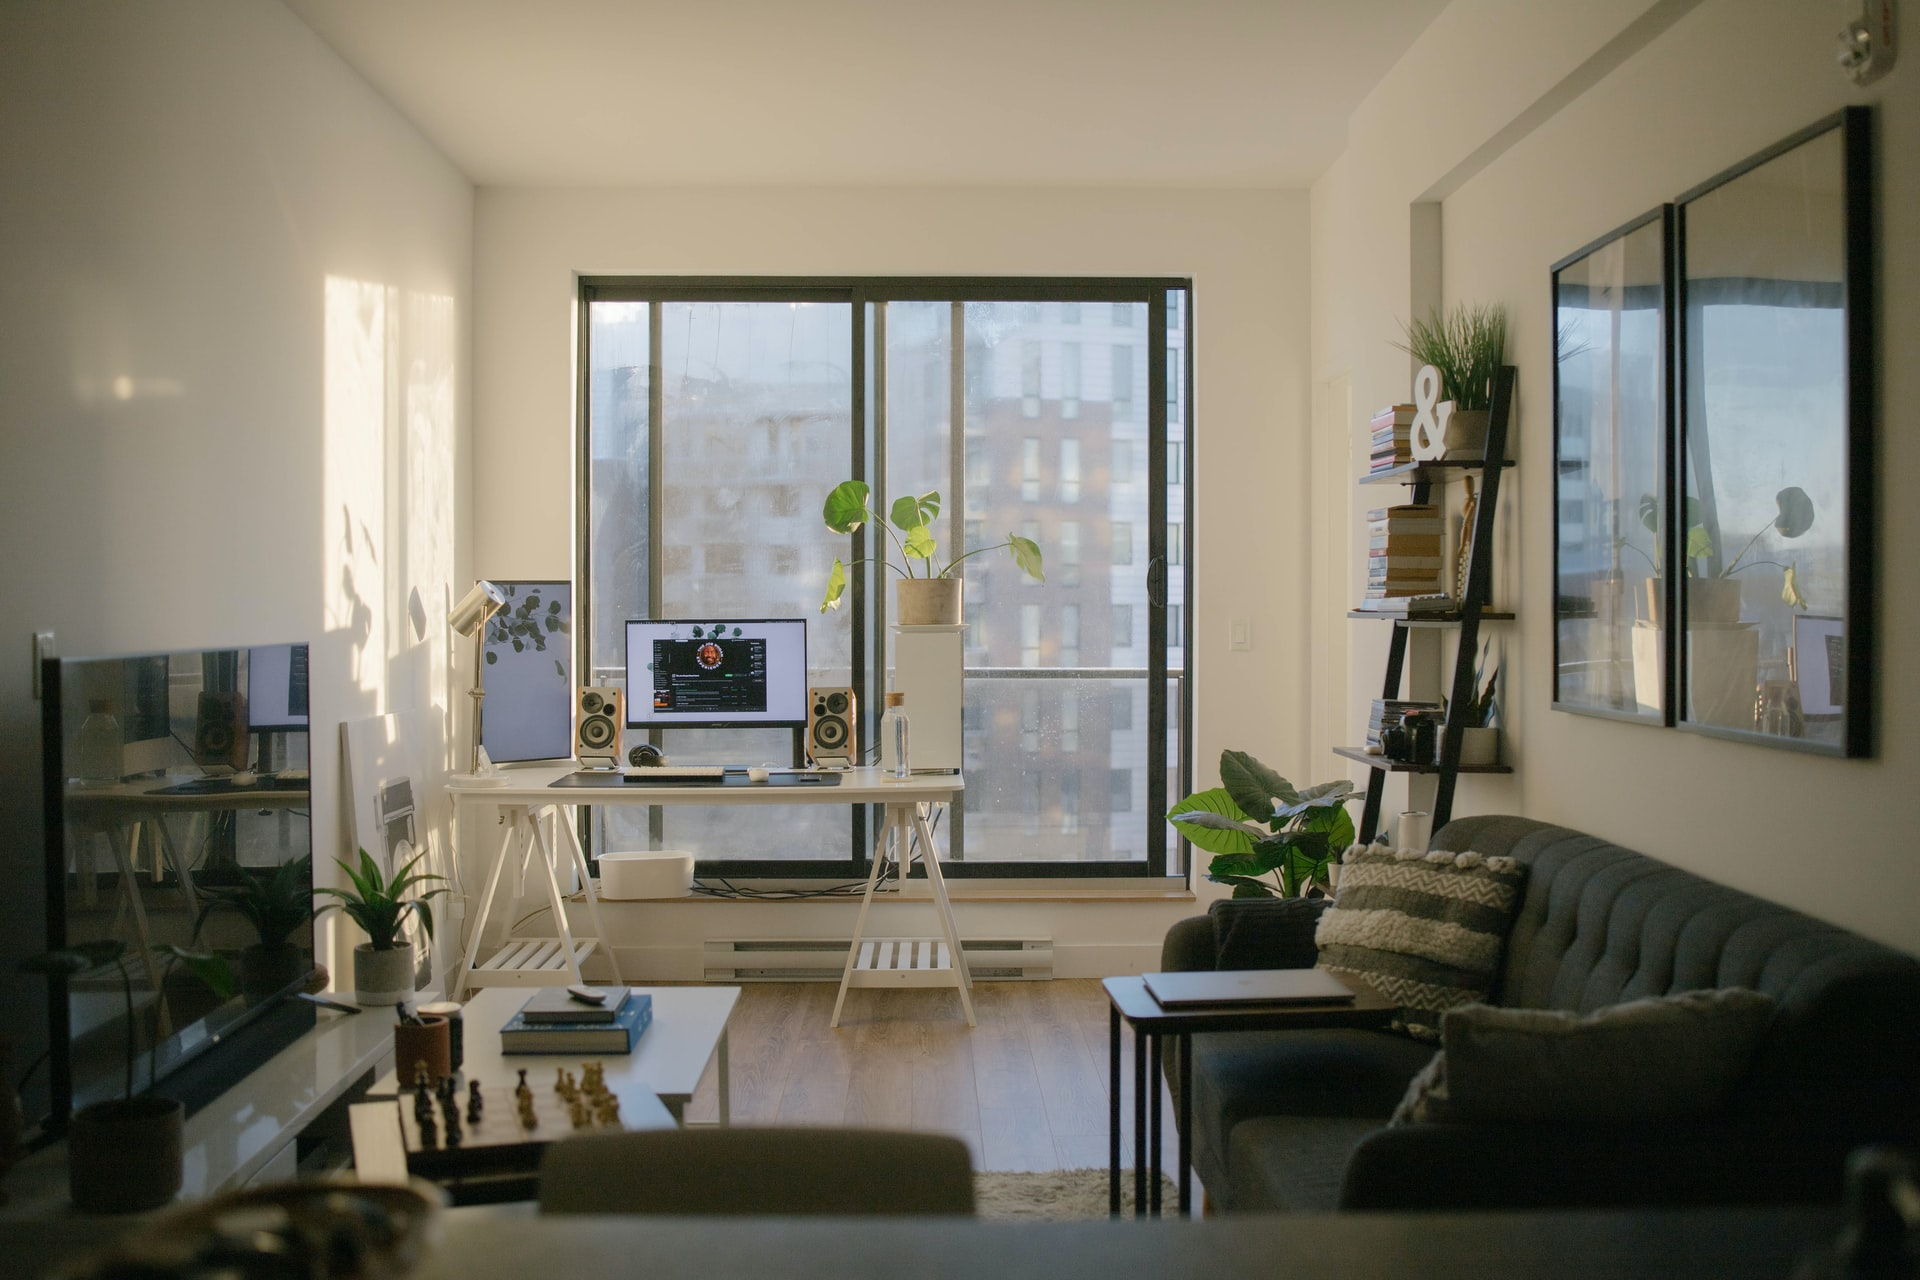 odnošenje starog nameštaja napraviće mesta za novu i modernu dnevnu sobu